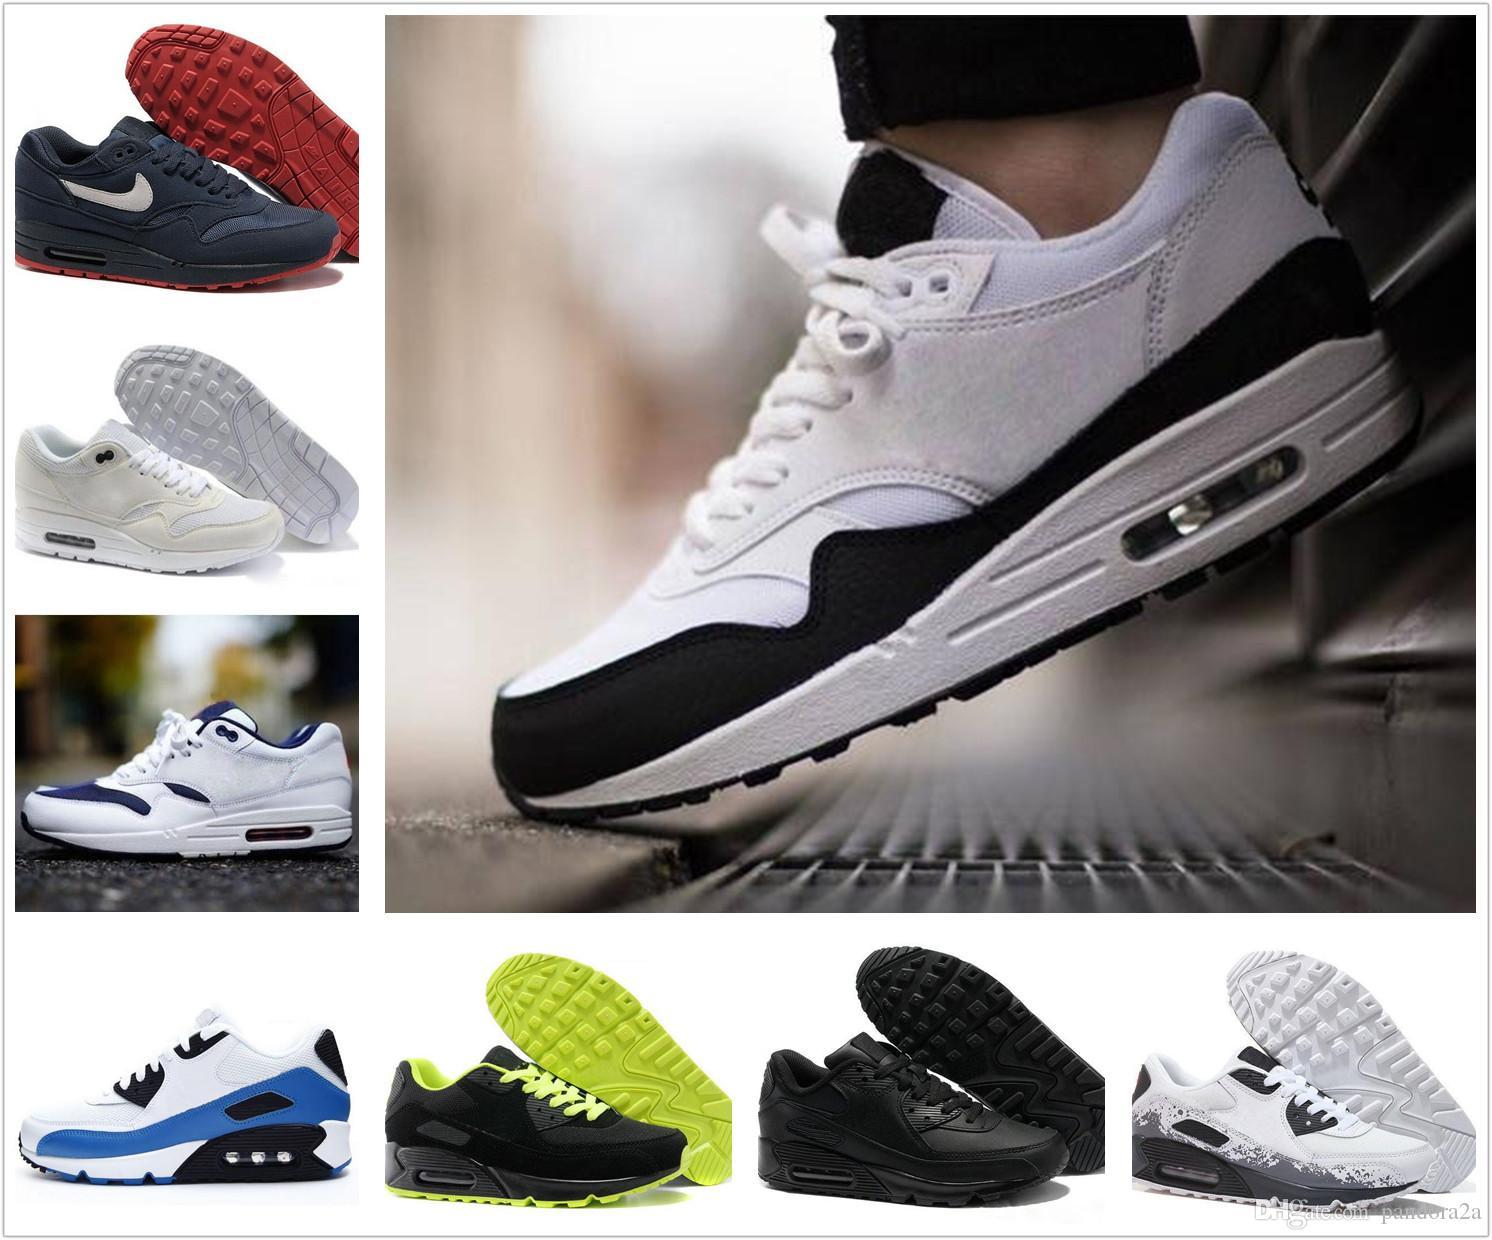 sports shoes d02f4 38519 Großhandel Neue Arrivel Kostenloser Versand Berühmte 87 90 Ultra 1 Elephant  Schwarz Klar Jade Weiß Herren Damen Laufschuhe Turnschuhe Größe 36 45 Von  ...